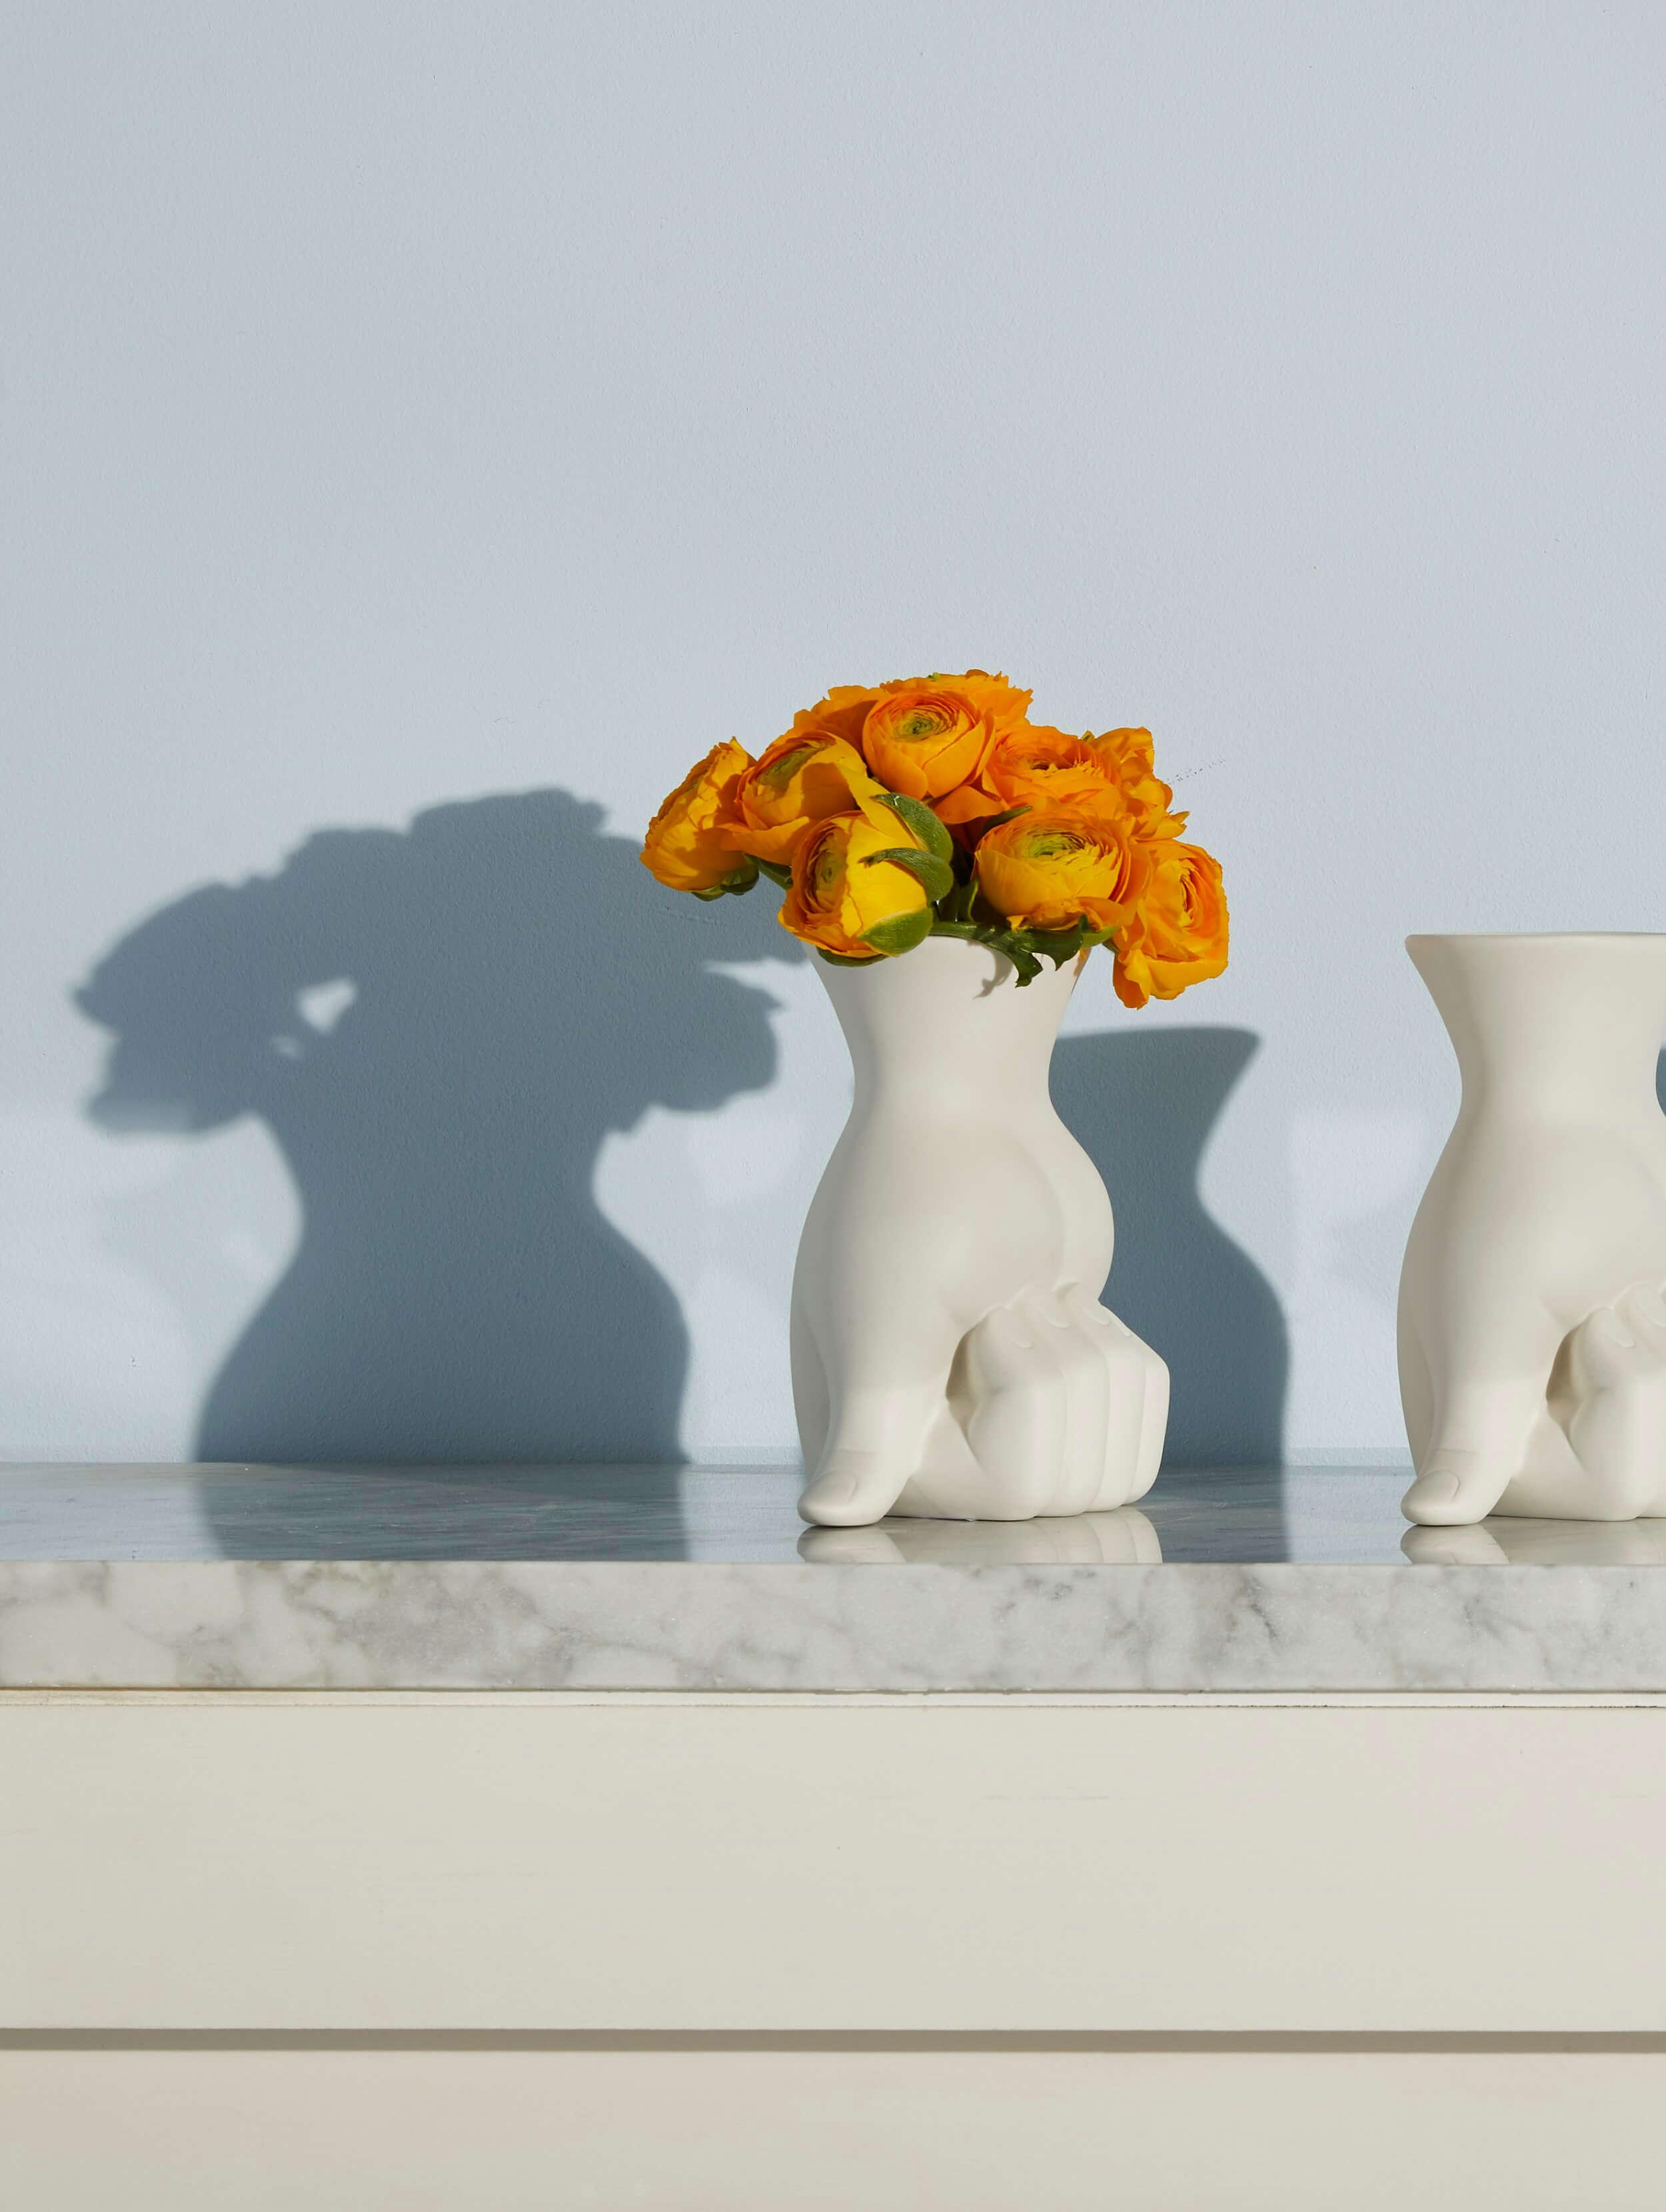 Zwei weisse Jonathan Adler Vasen mit orangen Blumen